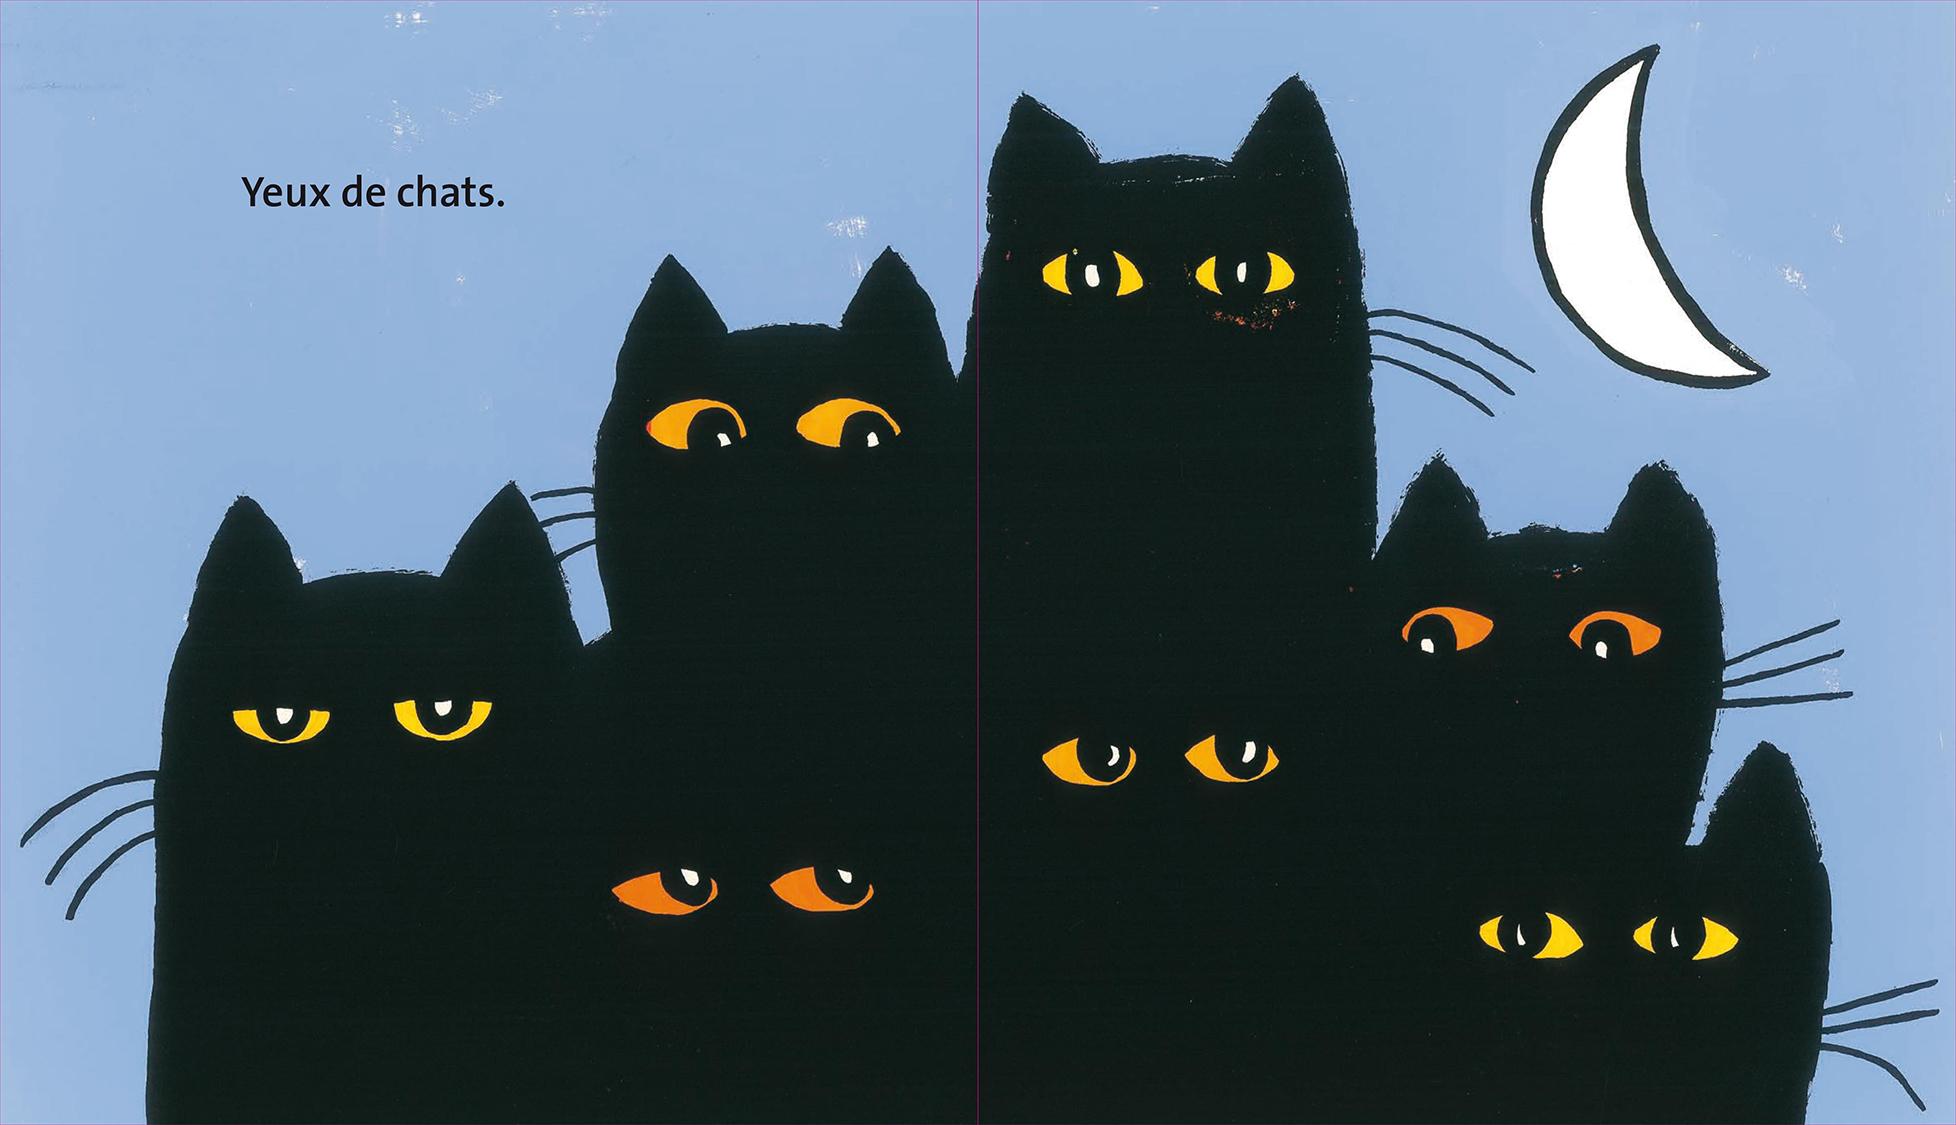 Le rêve de griffachat Magali Bardos Pastel L'école des loisirs album cartonné 0-3 ans chat nuit silhouette de chat moustaches yeux regards transformation lune souris château